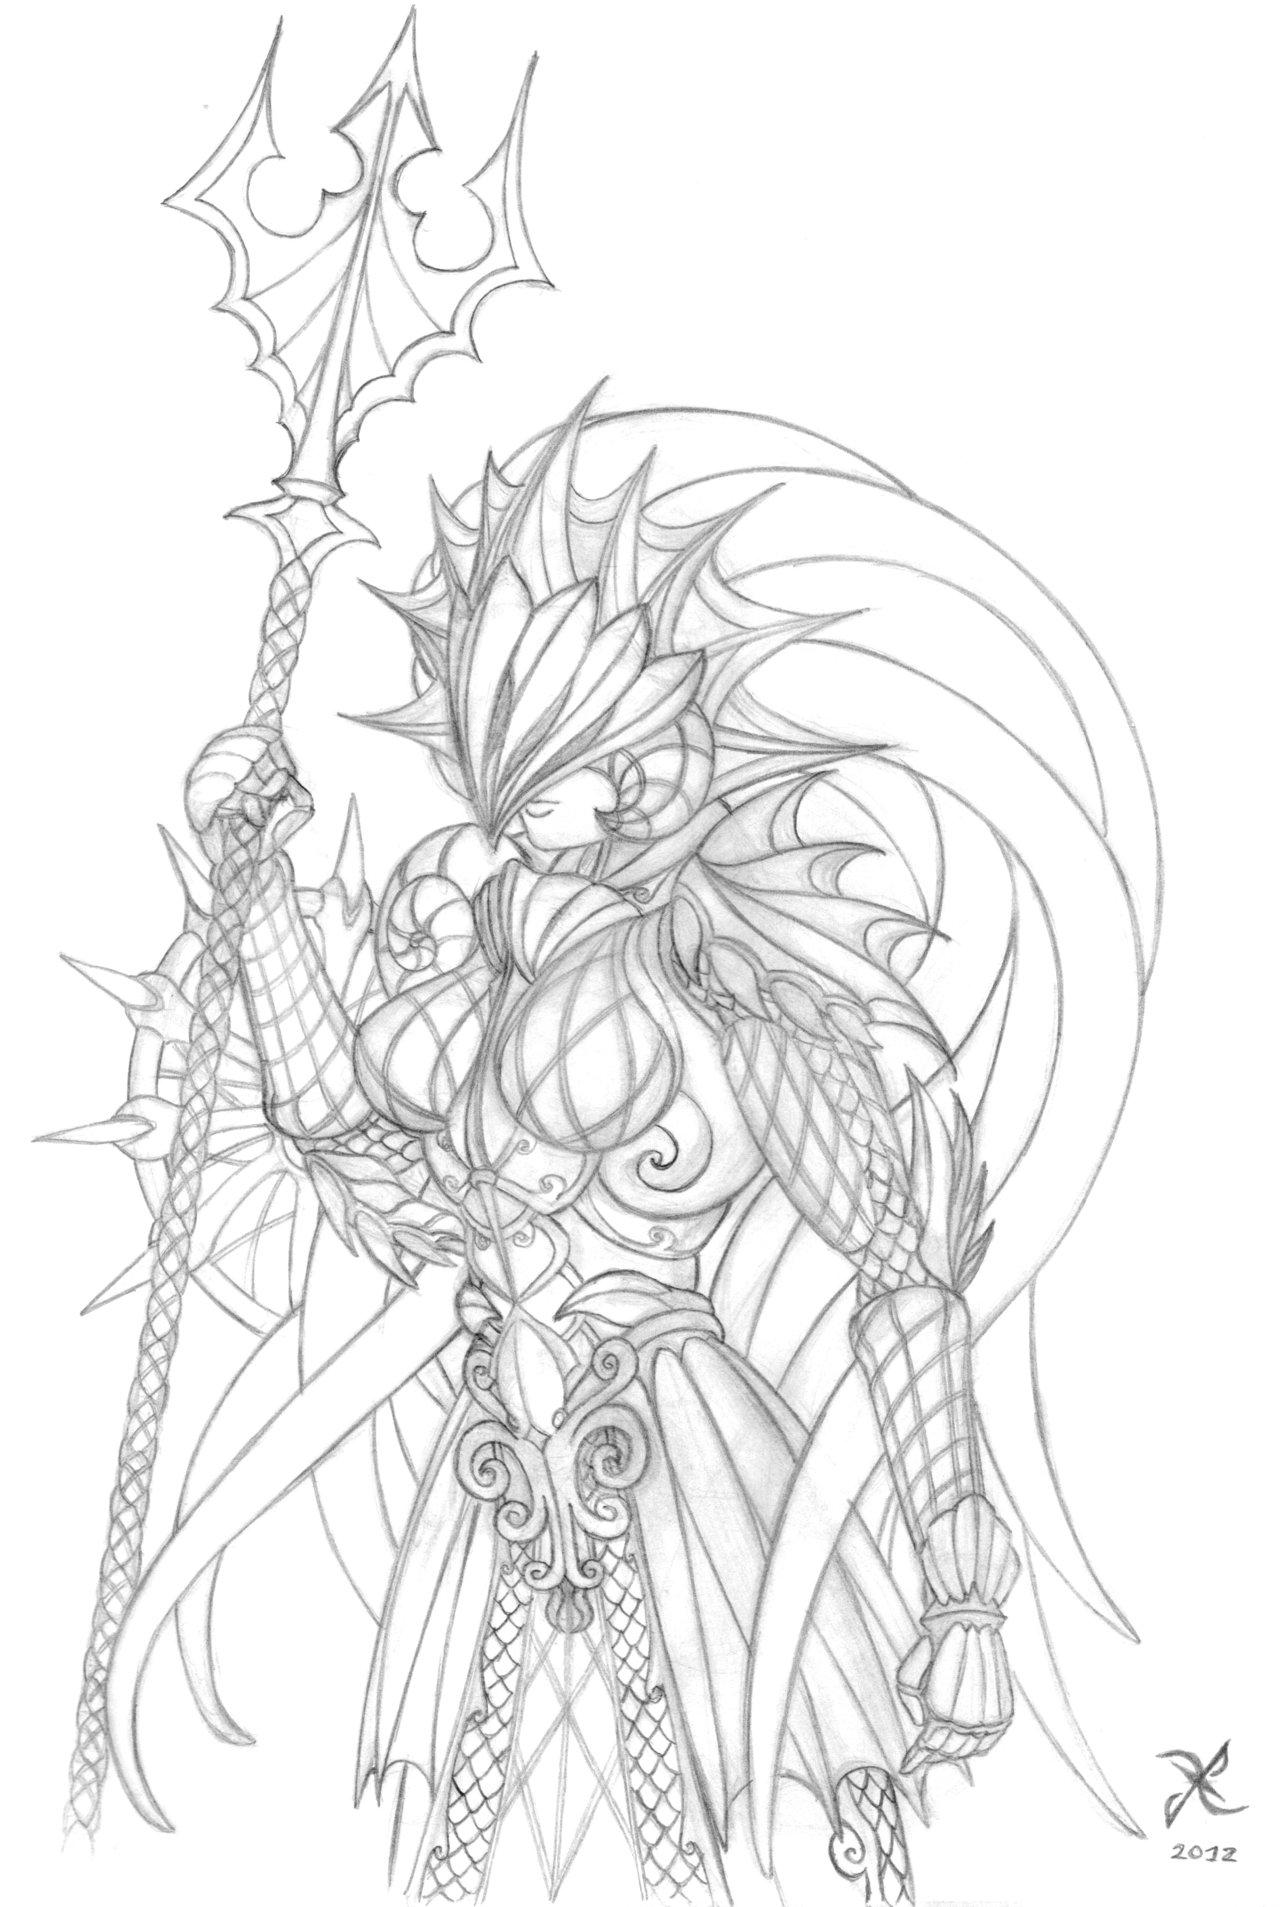 1280x1907 Aqua Armor Sketch By Scificat